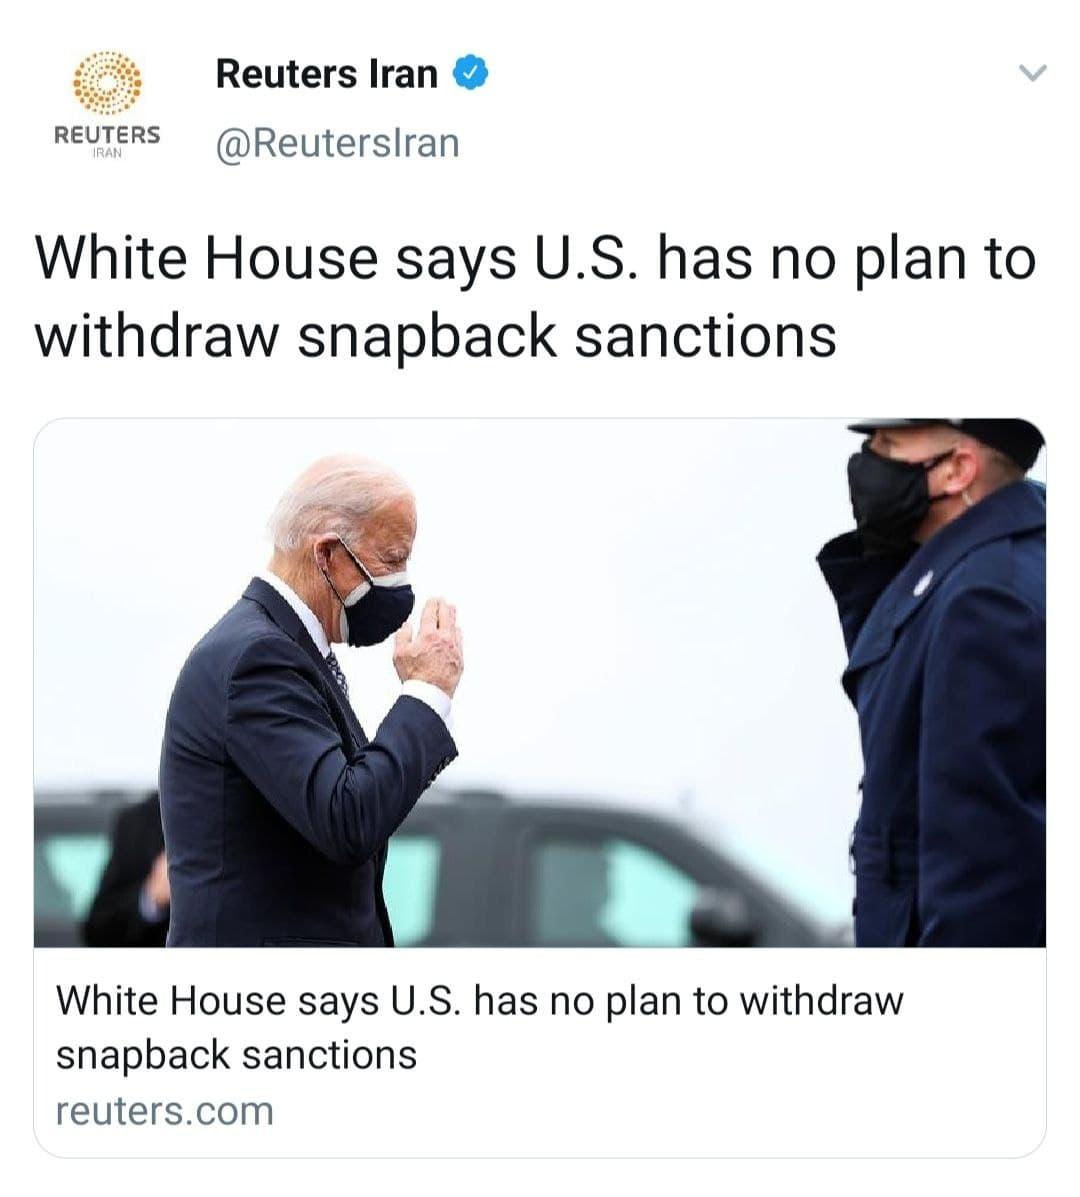 دلال آمریکا در ایران چه میخواهد؟ / هواپیماهای زمینگیرشده برجام را به وزیر خارجه ایرلند نشان بدهید!